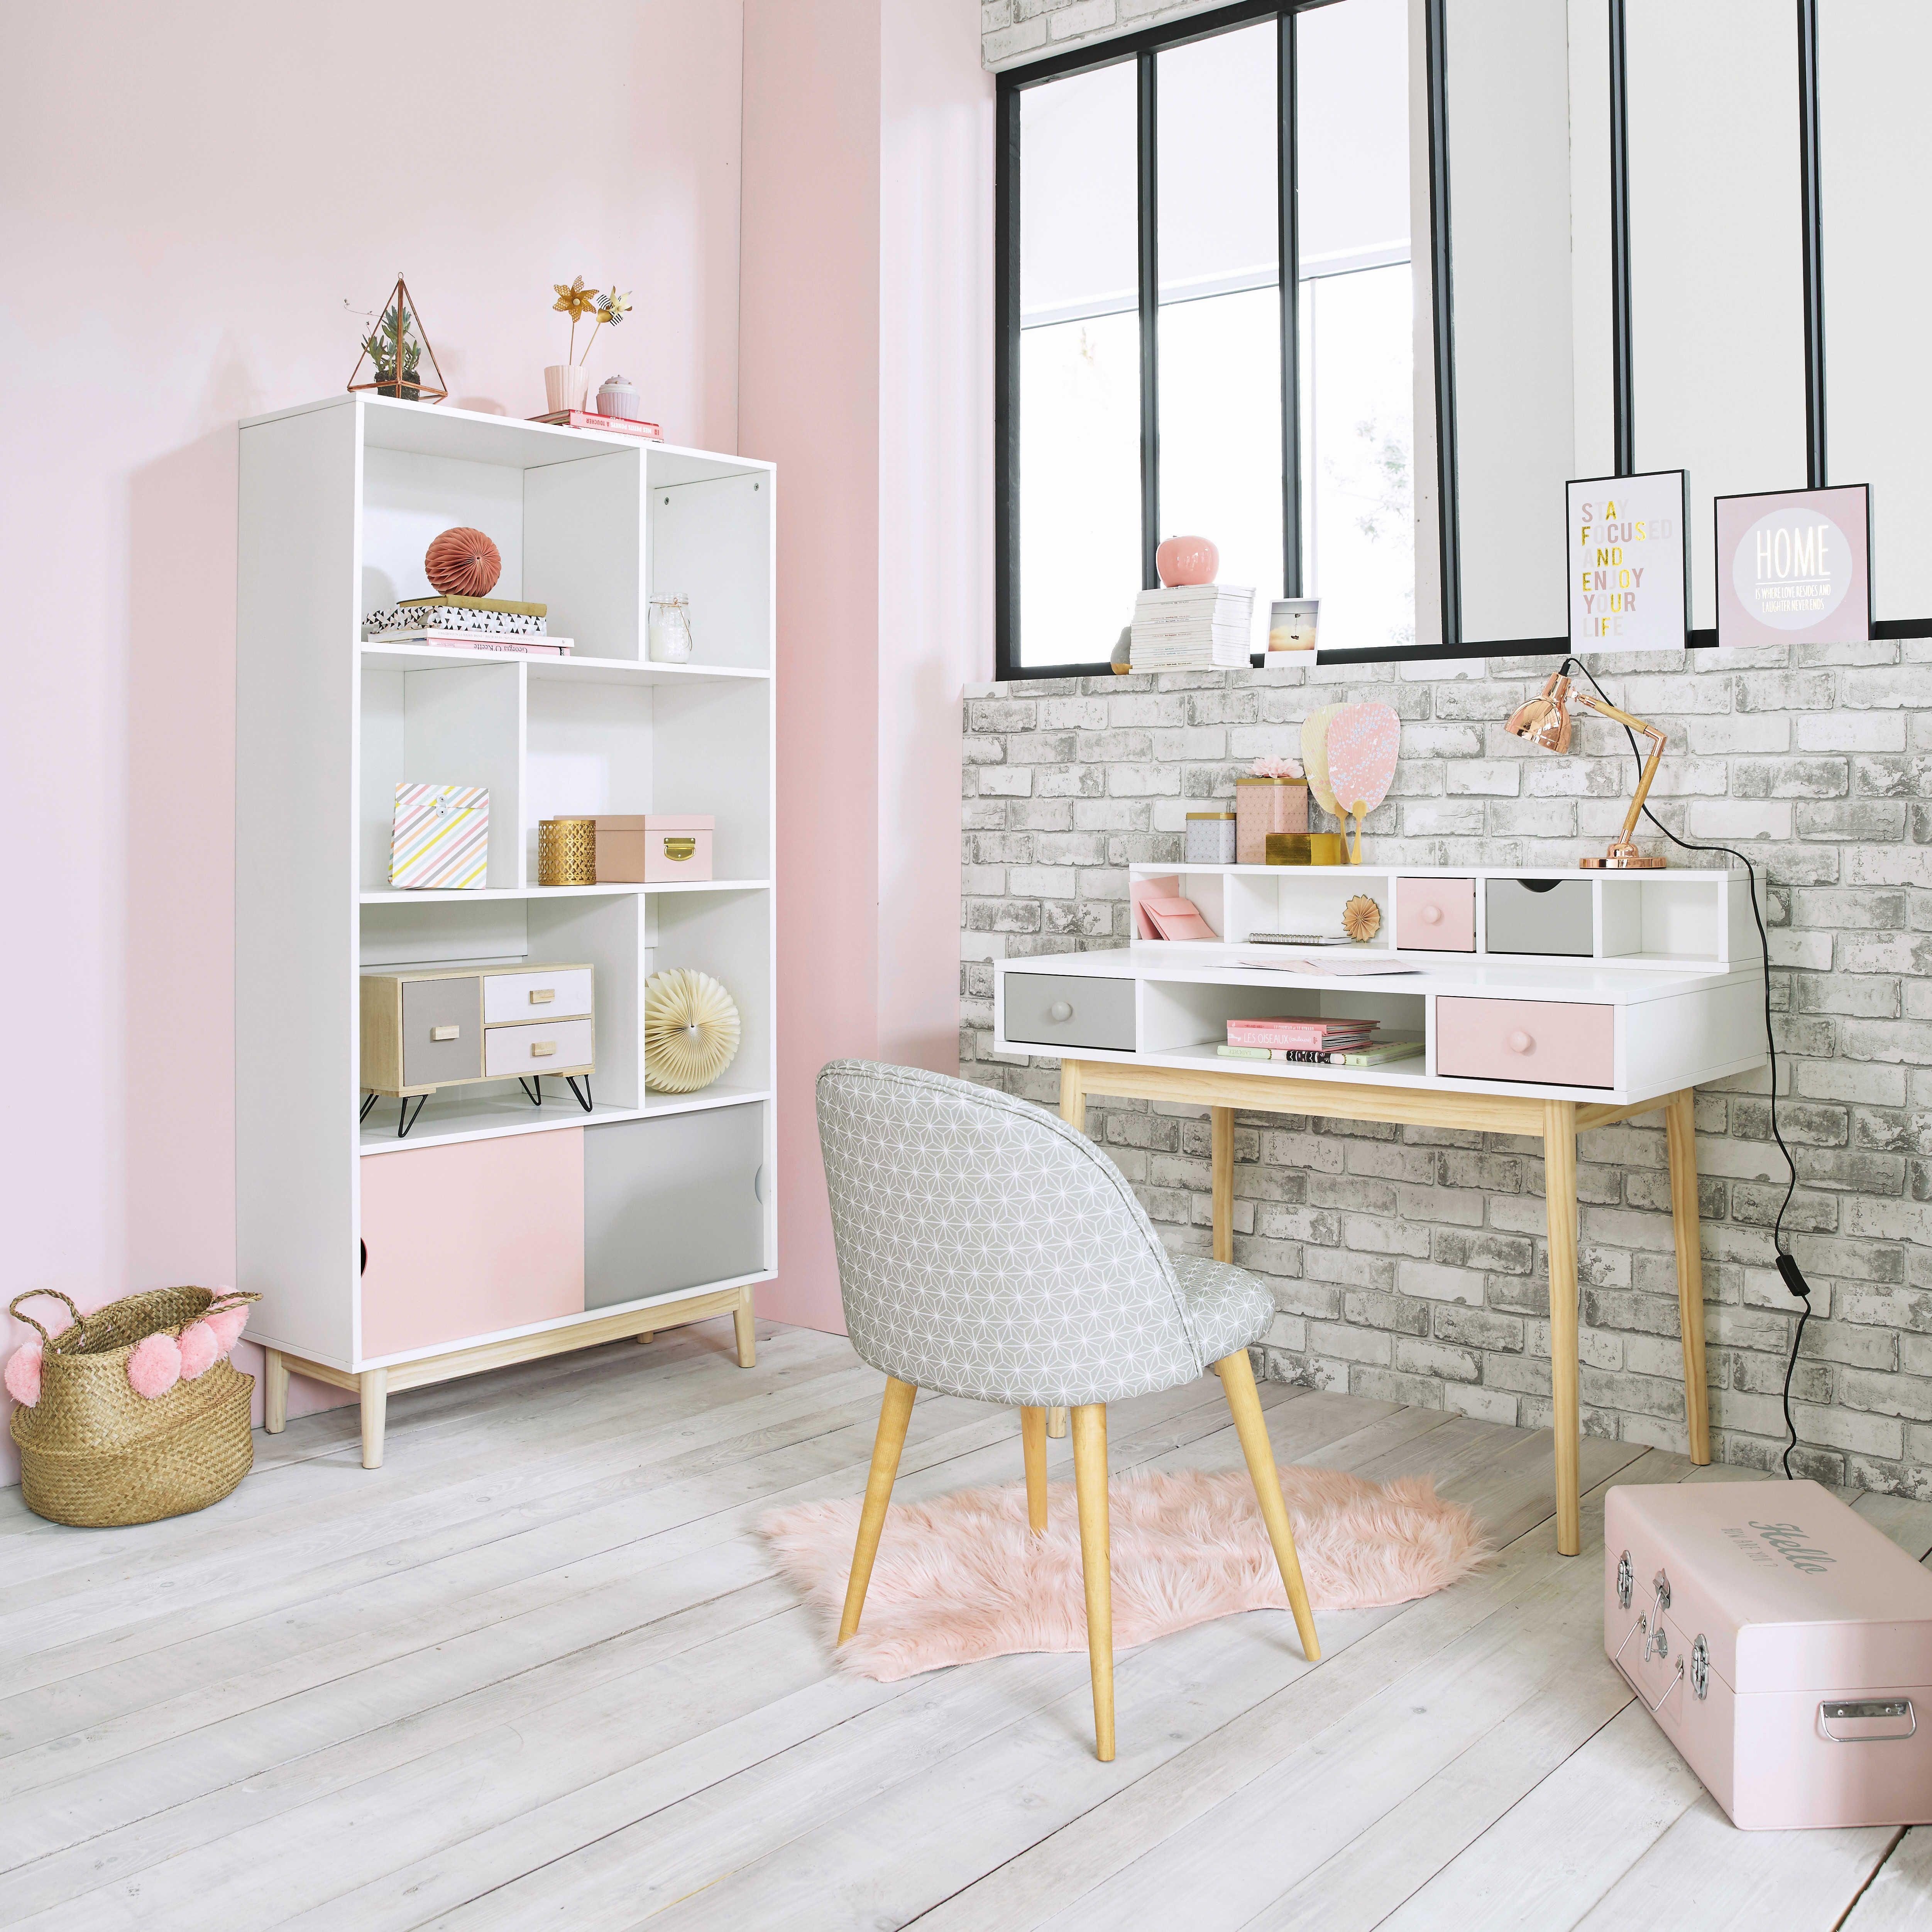 tapis mouton en fausse fourrure rose 90x60 maisons du monde deco chambre decoration chambre ado deco chambre ado fille